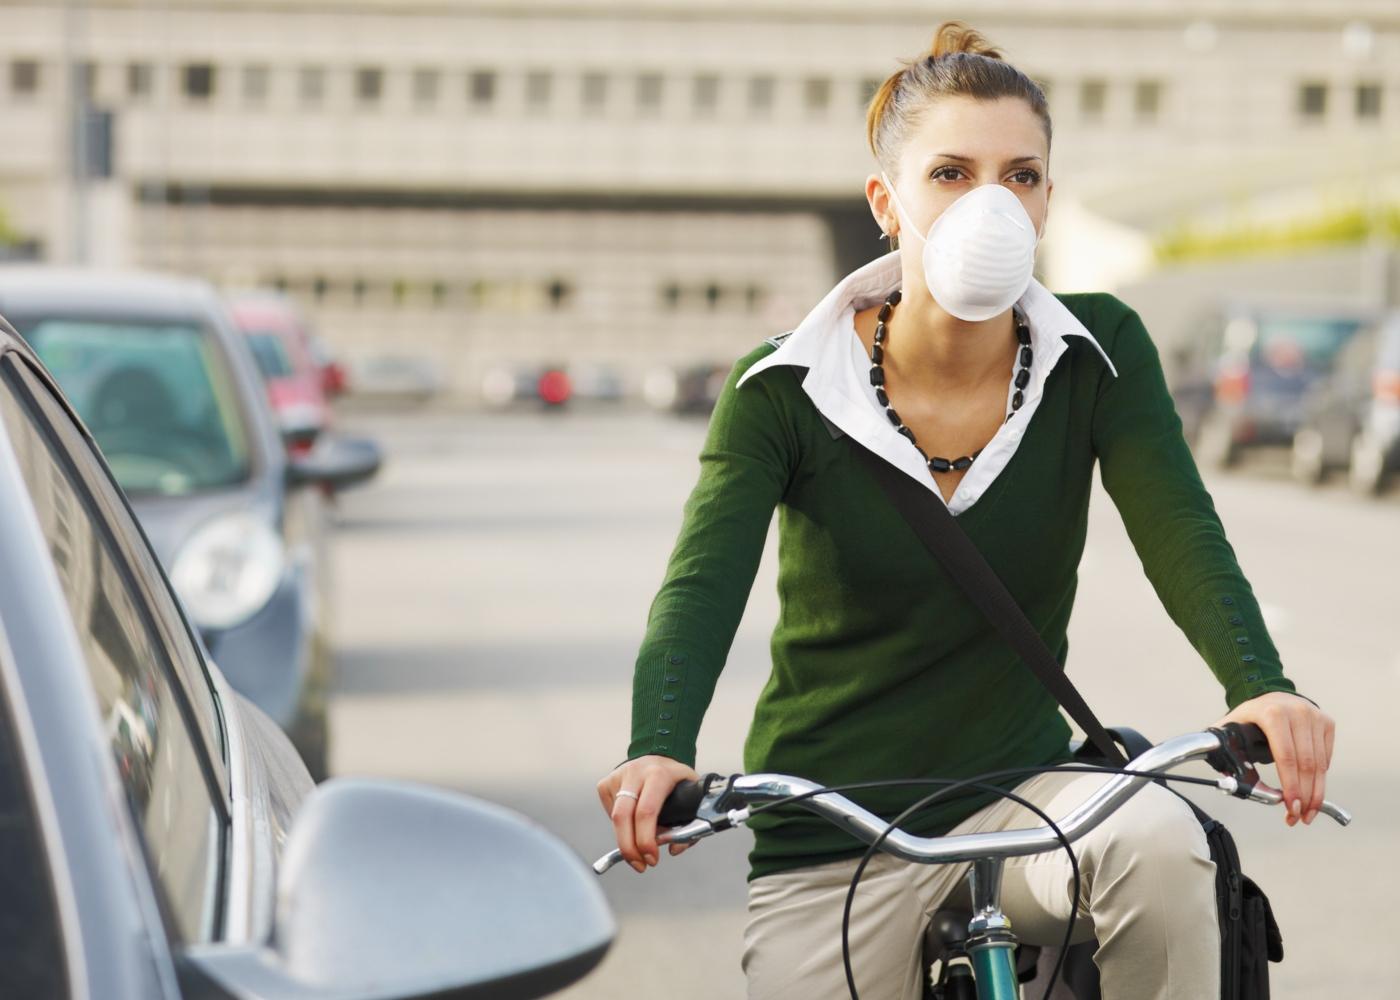 Mulher com máscara a andar de bicicleta pela cidade